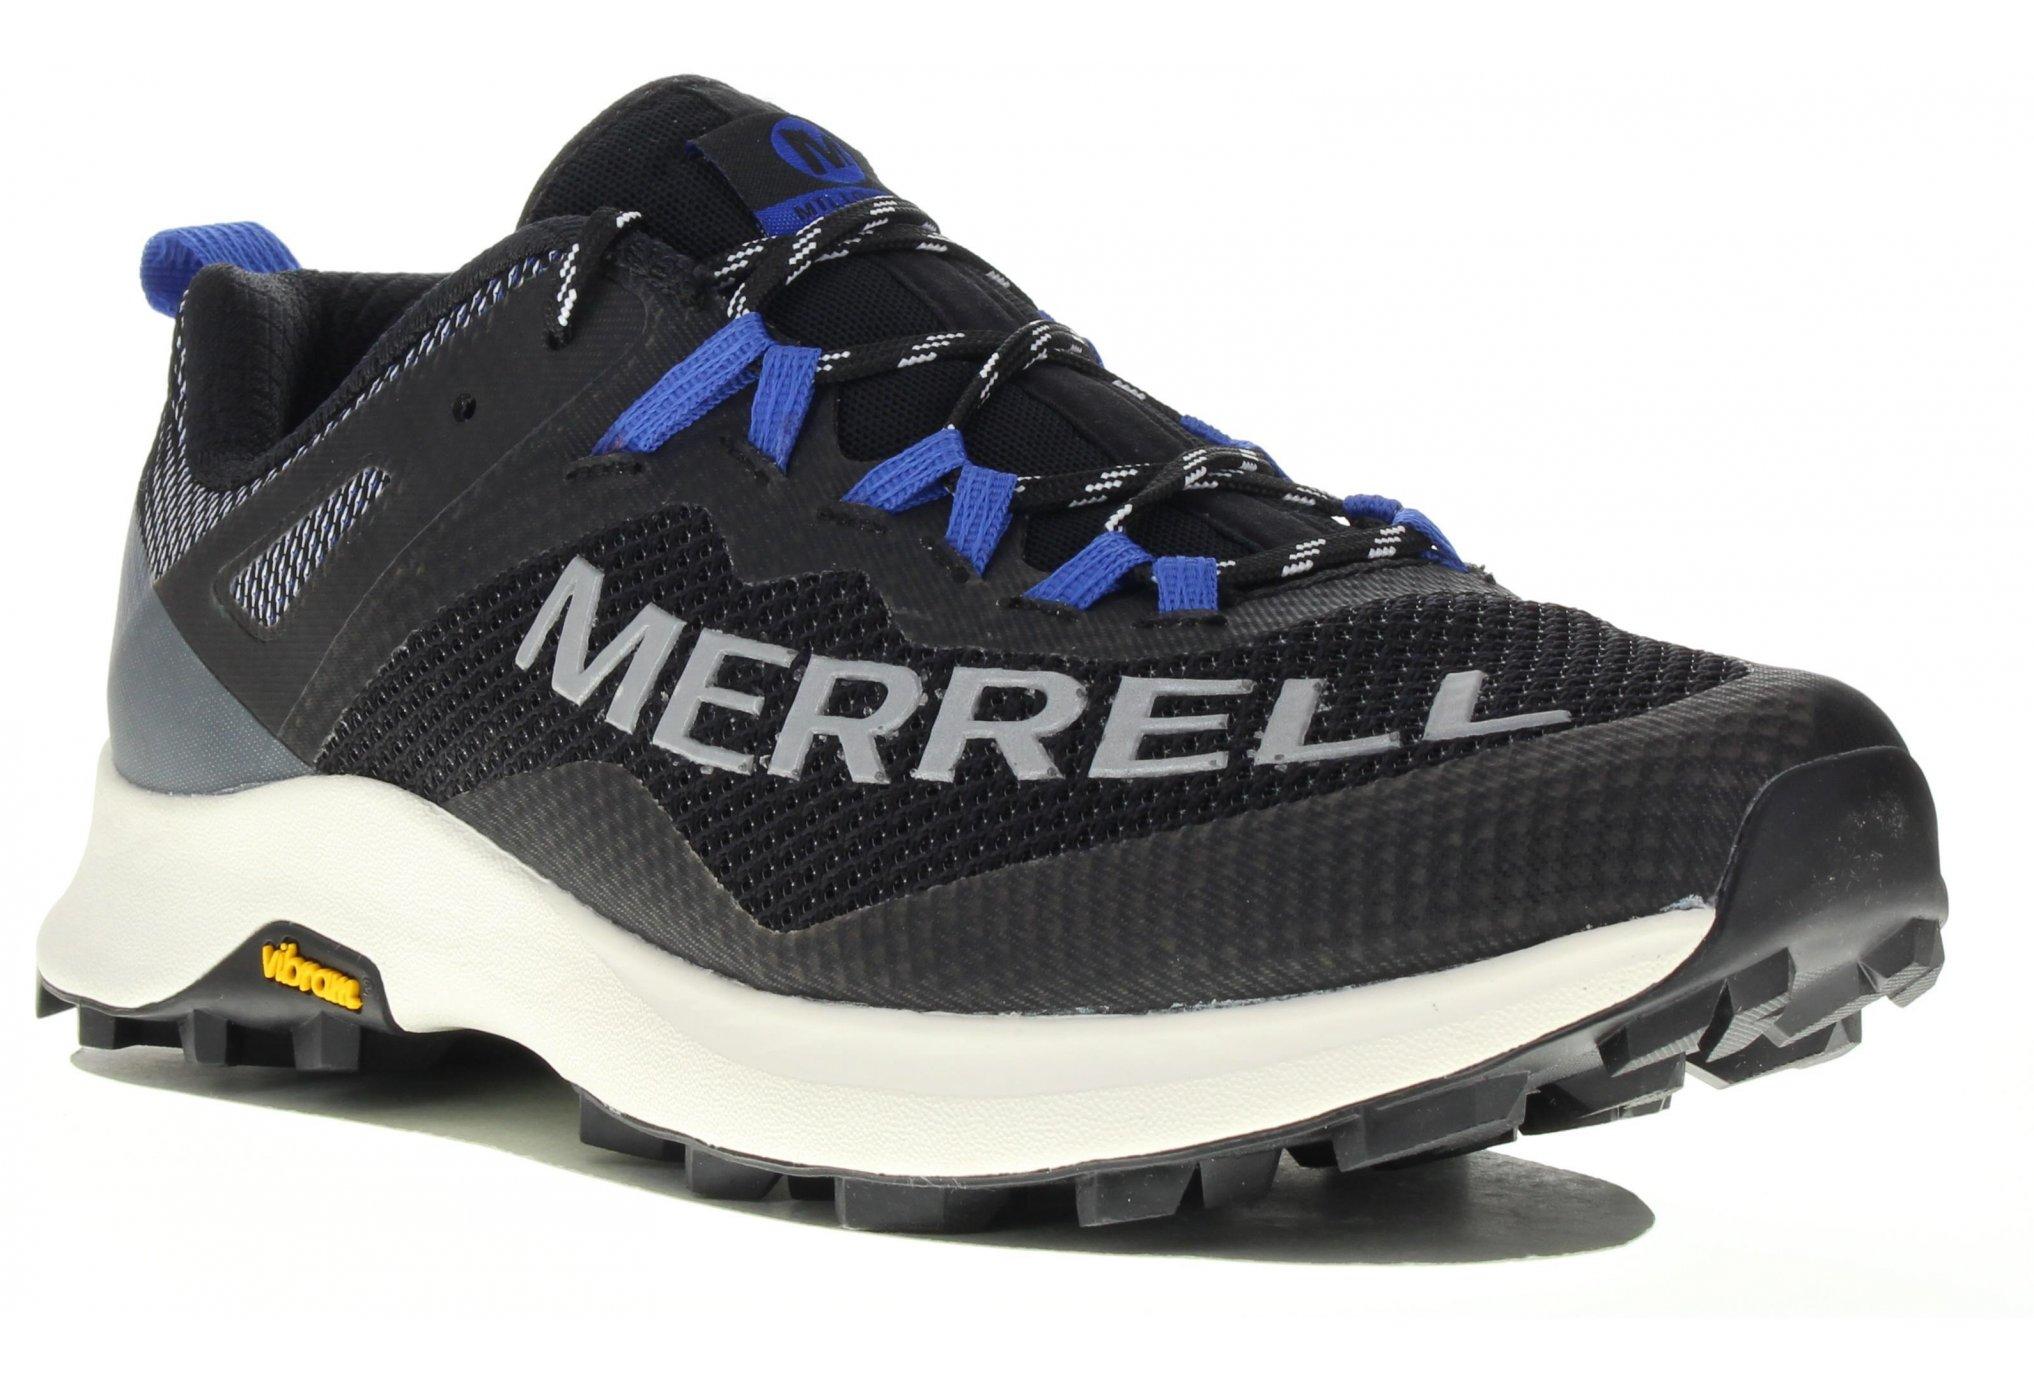 Merrell MTL Long Sky Chaussures running femme